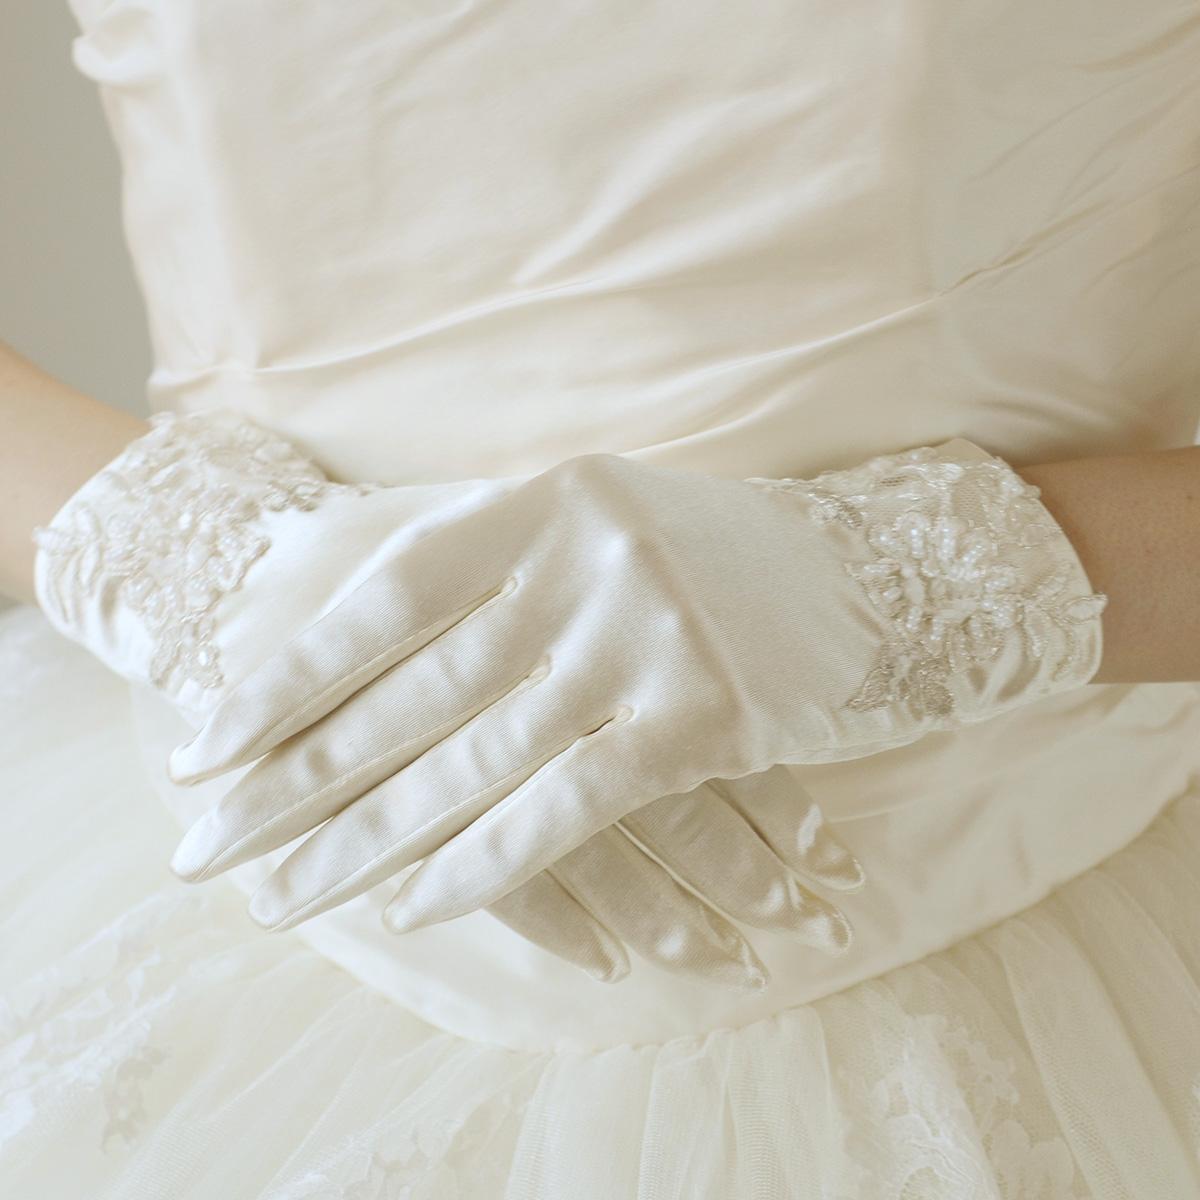 【年末SALE20%OFF】ショートグローブ ウェディング グローブ 2色 オフホワイト/アイボリー レーススパンサテン(ウエディング ウェディンググローブ ブライダル 結婚式)[G83]【送料無料】